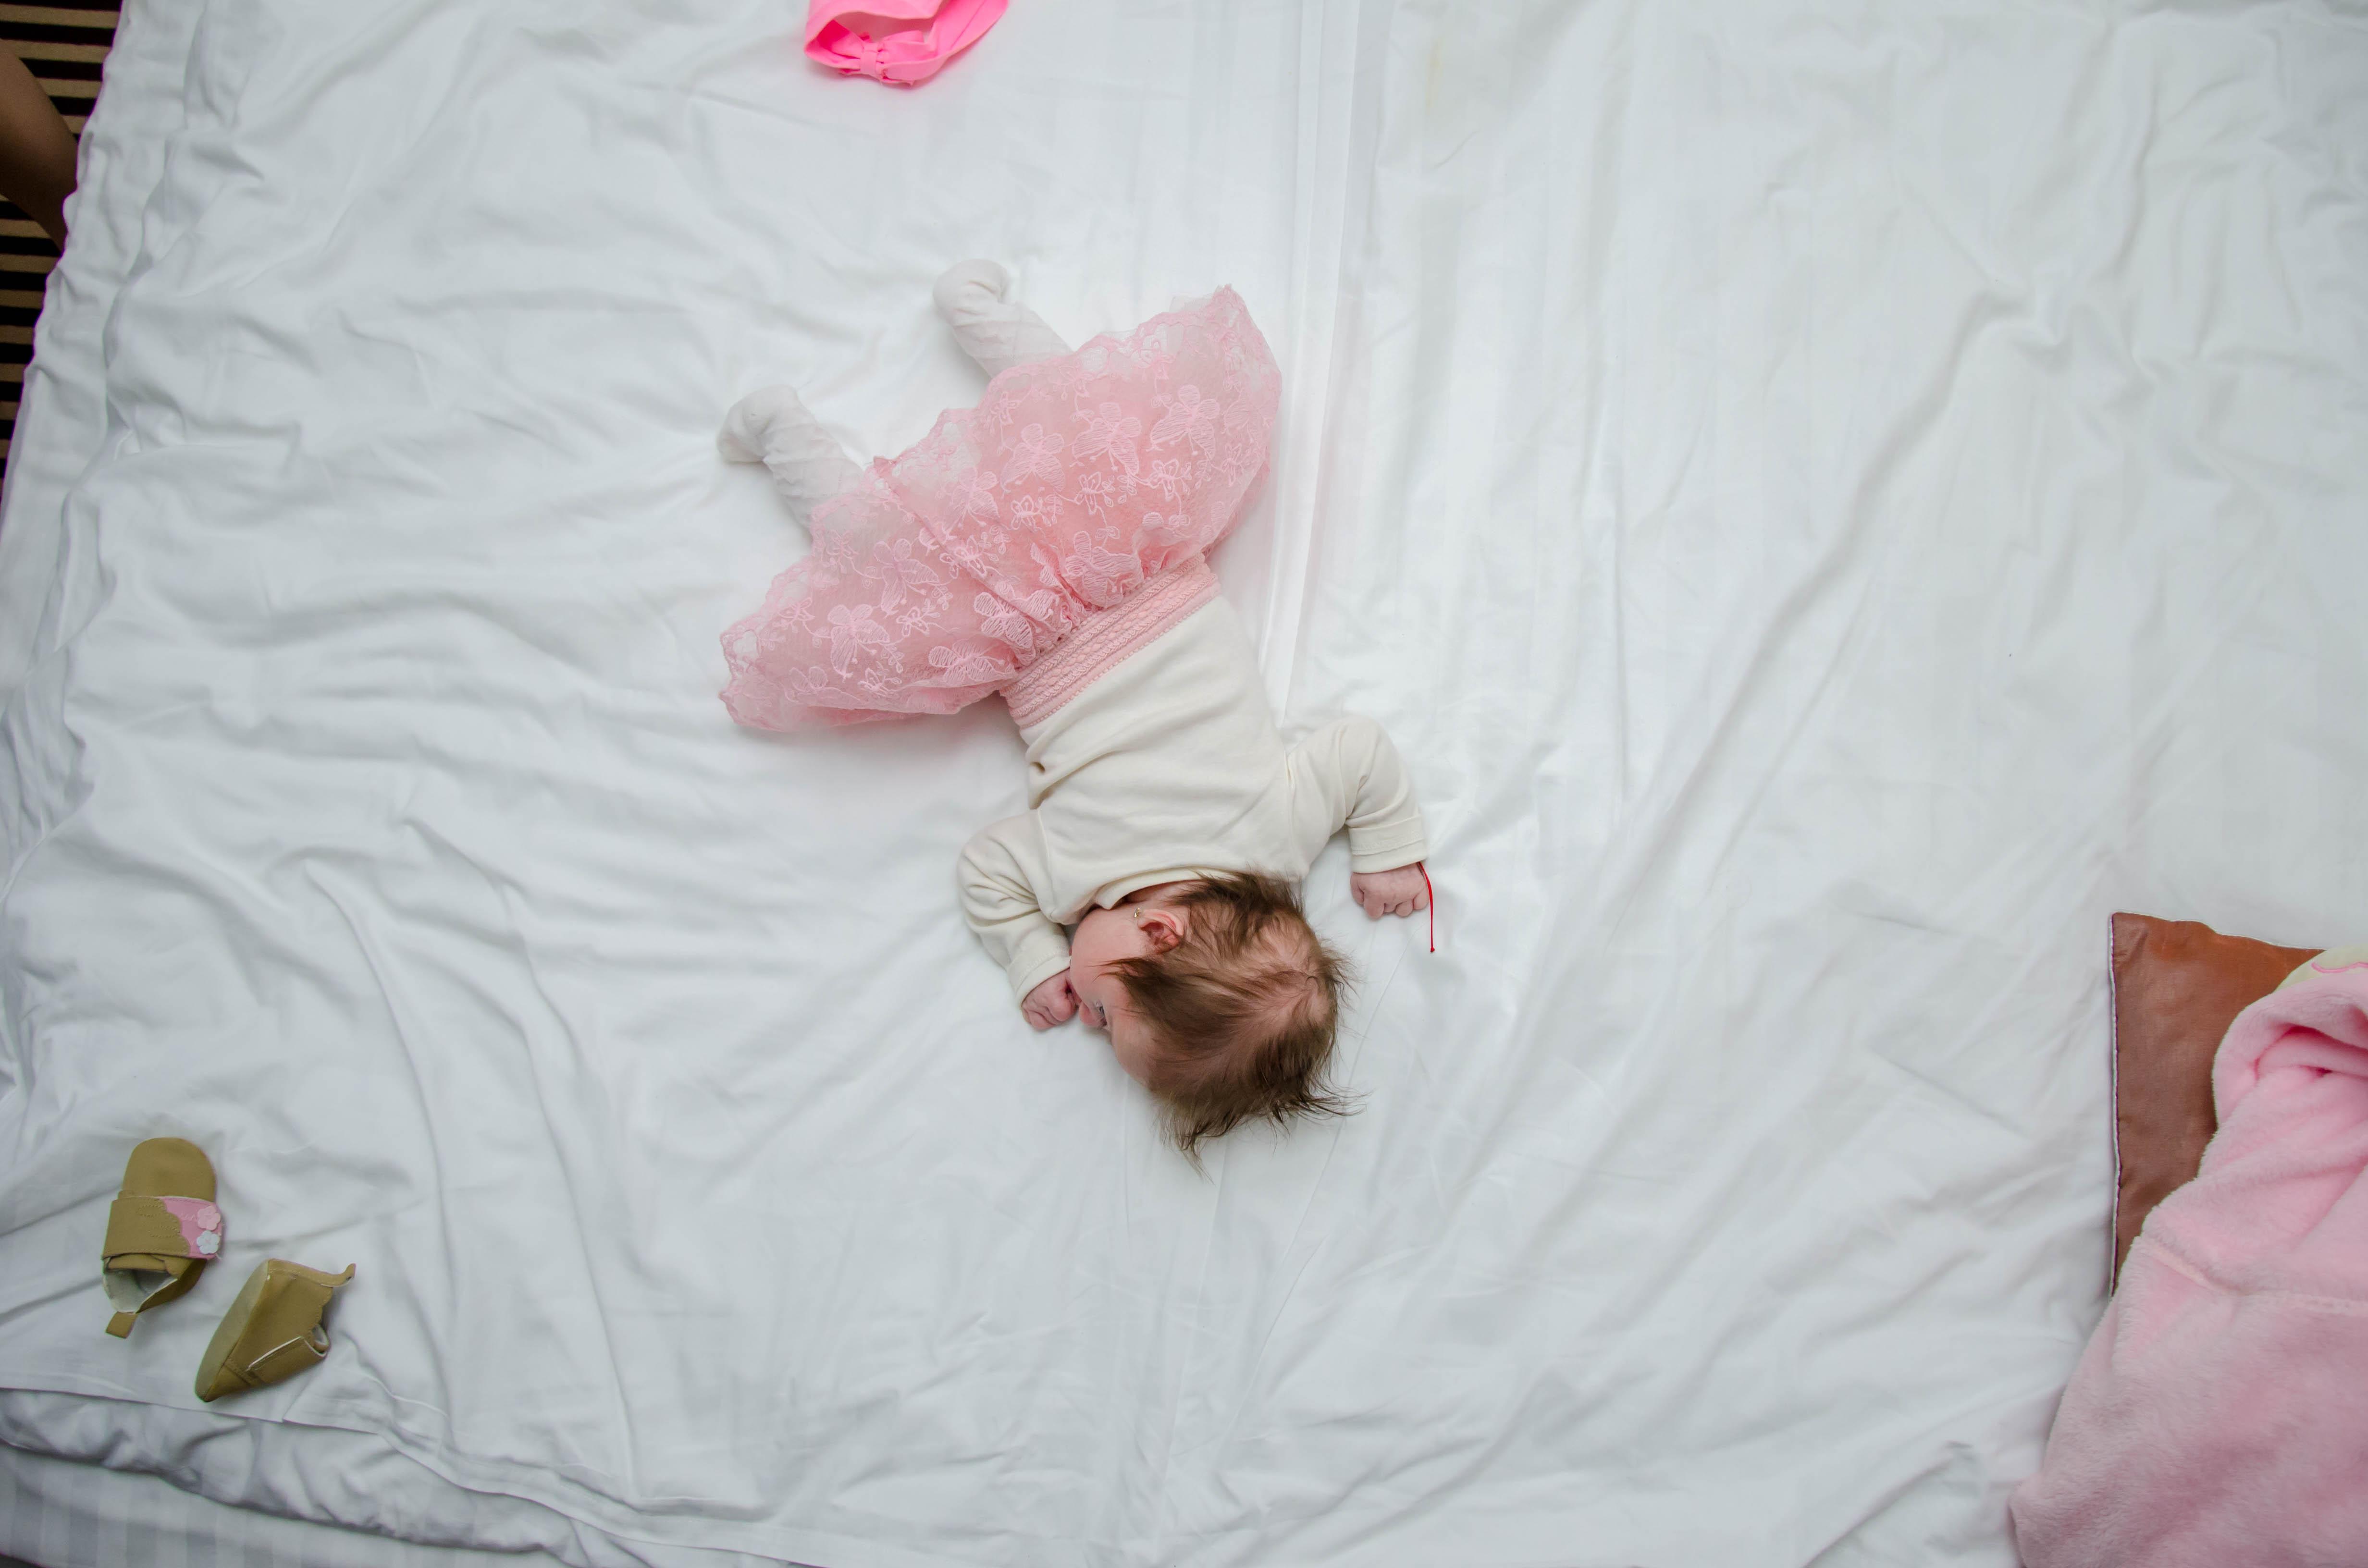 amikor_egyutt_elsz_egy_csecsemovel_baby_chameleon_stocksnap_qjd07h2oju_baby_chameleon_webshop.jpg